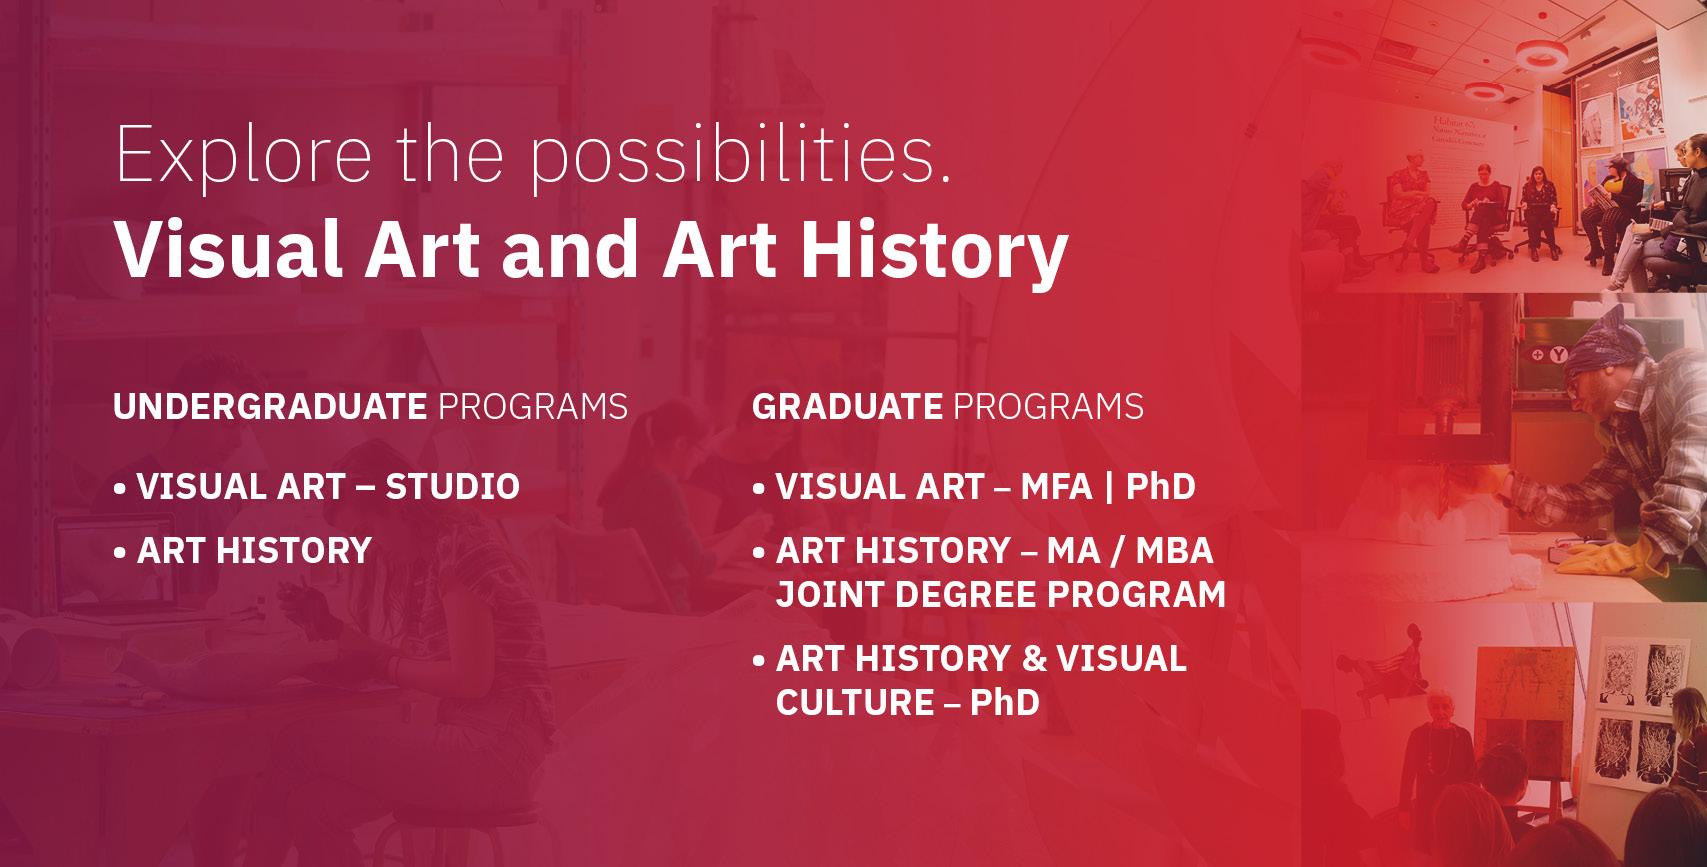 VAAH Undergrad and Grad Info